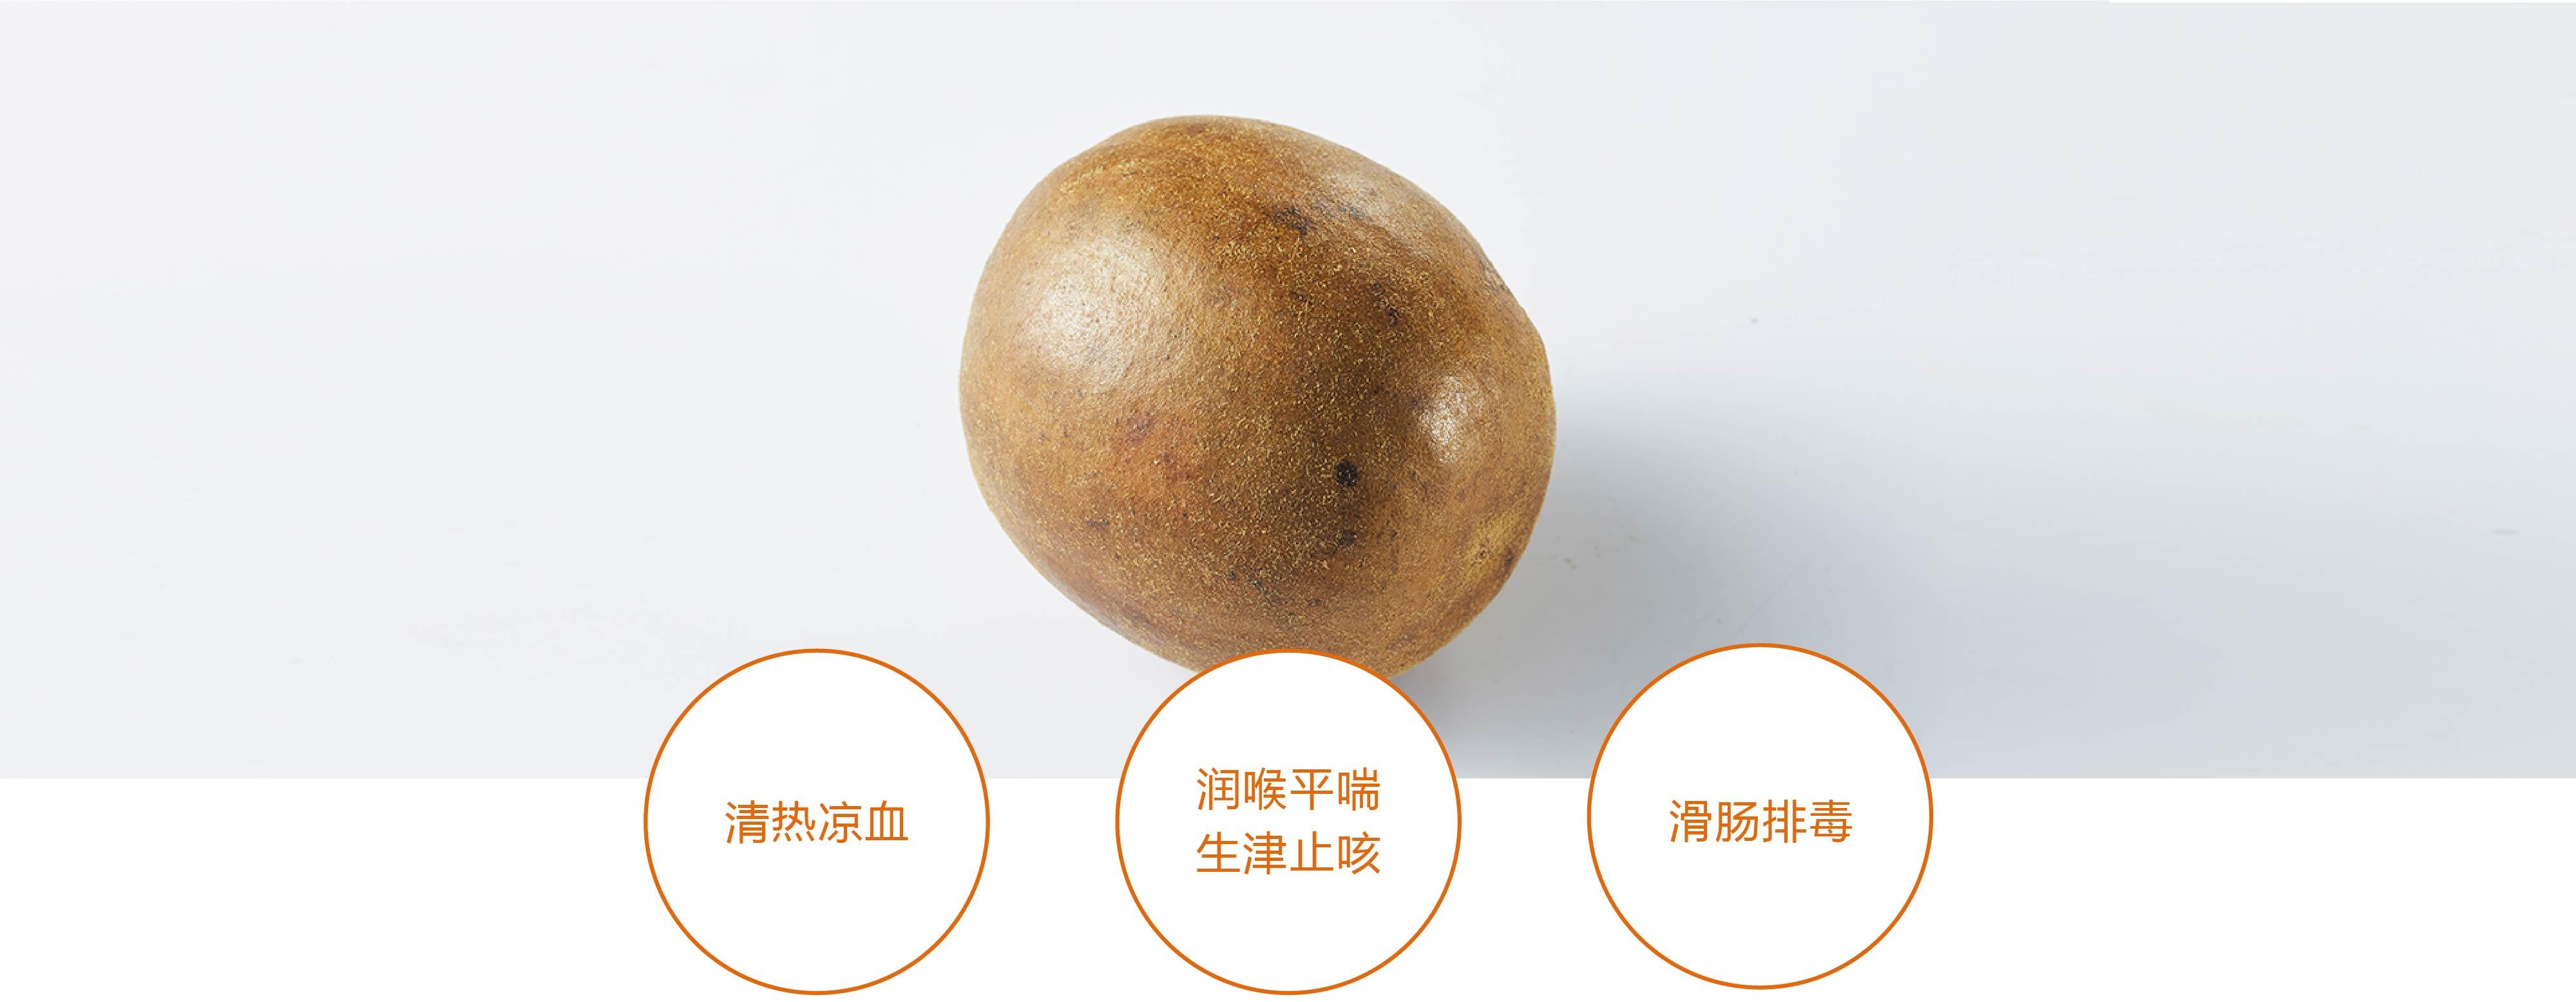 小产区永福县罗汉果